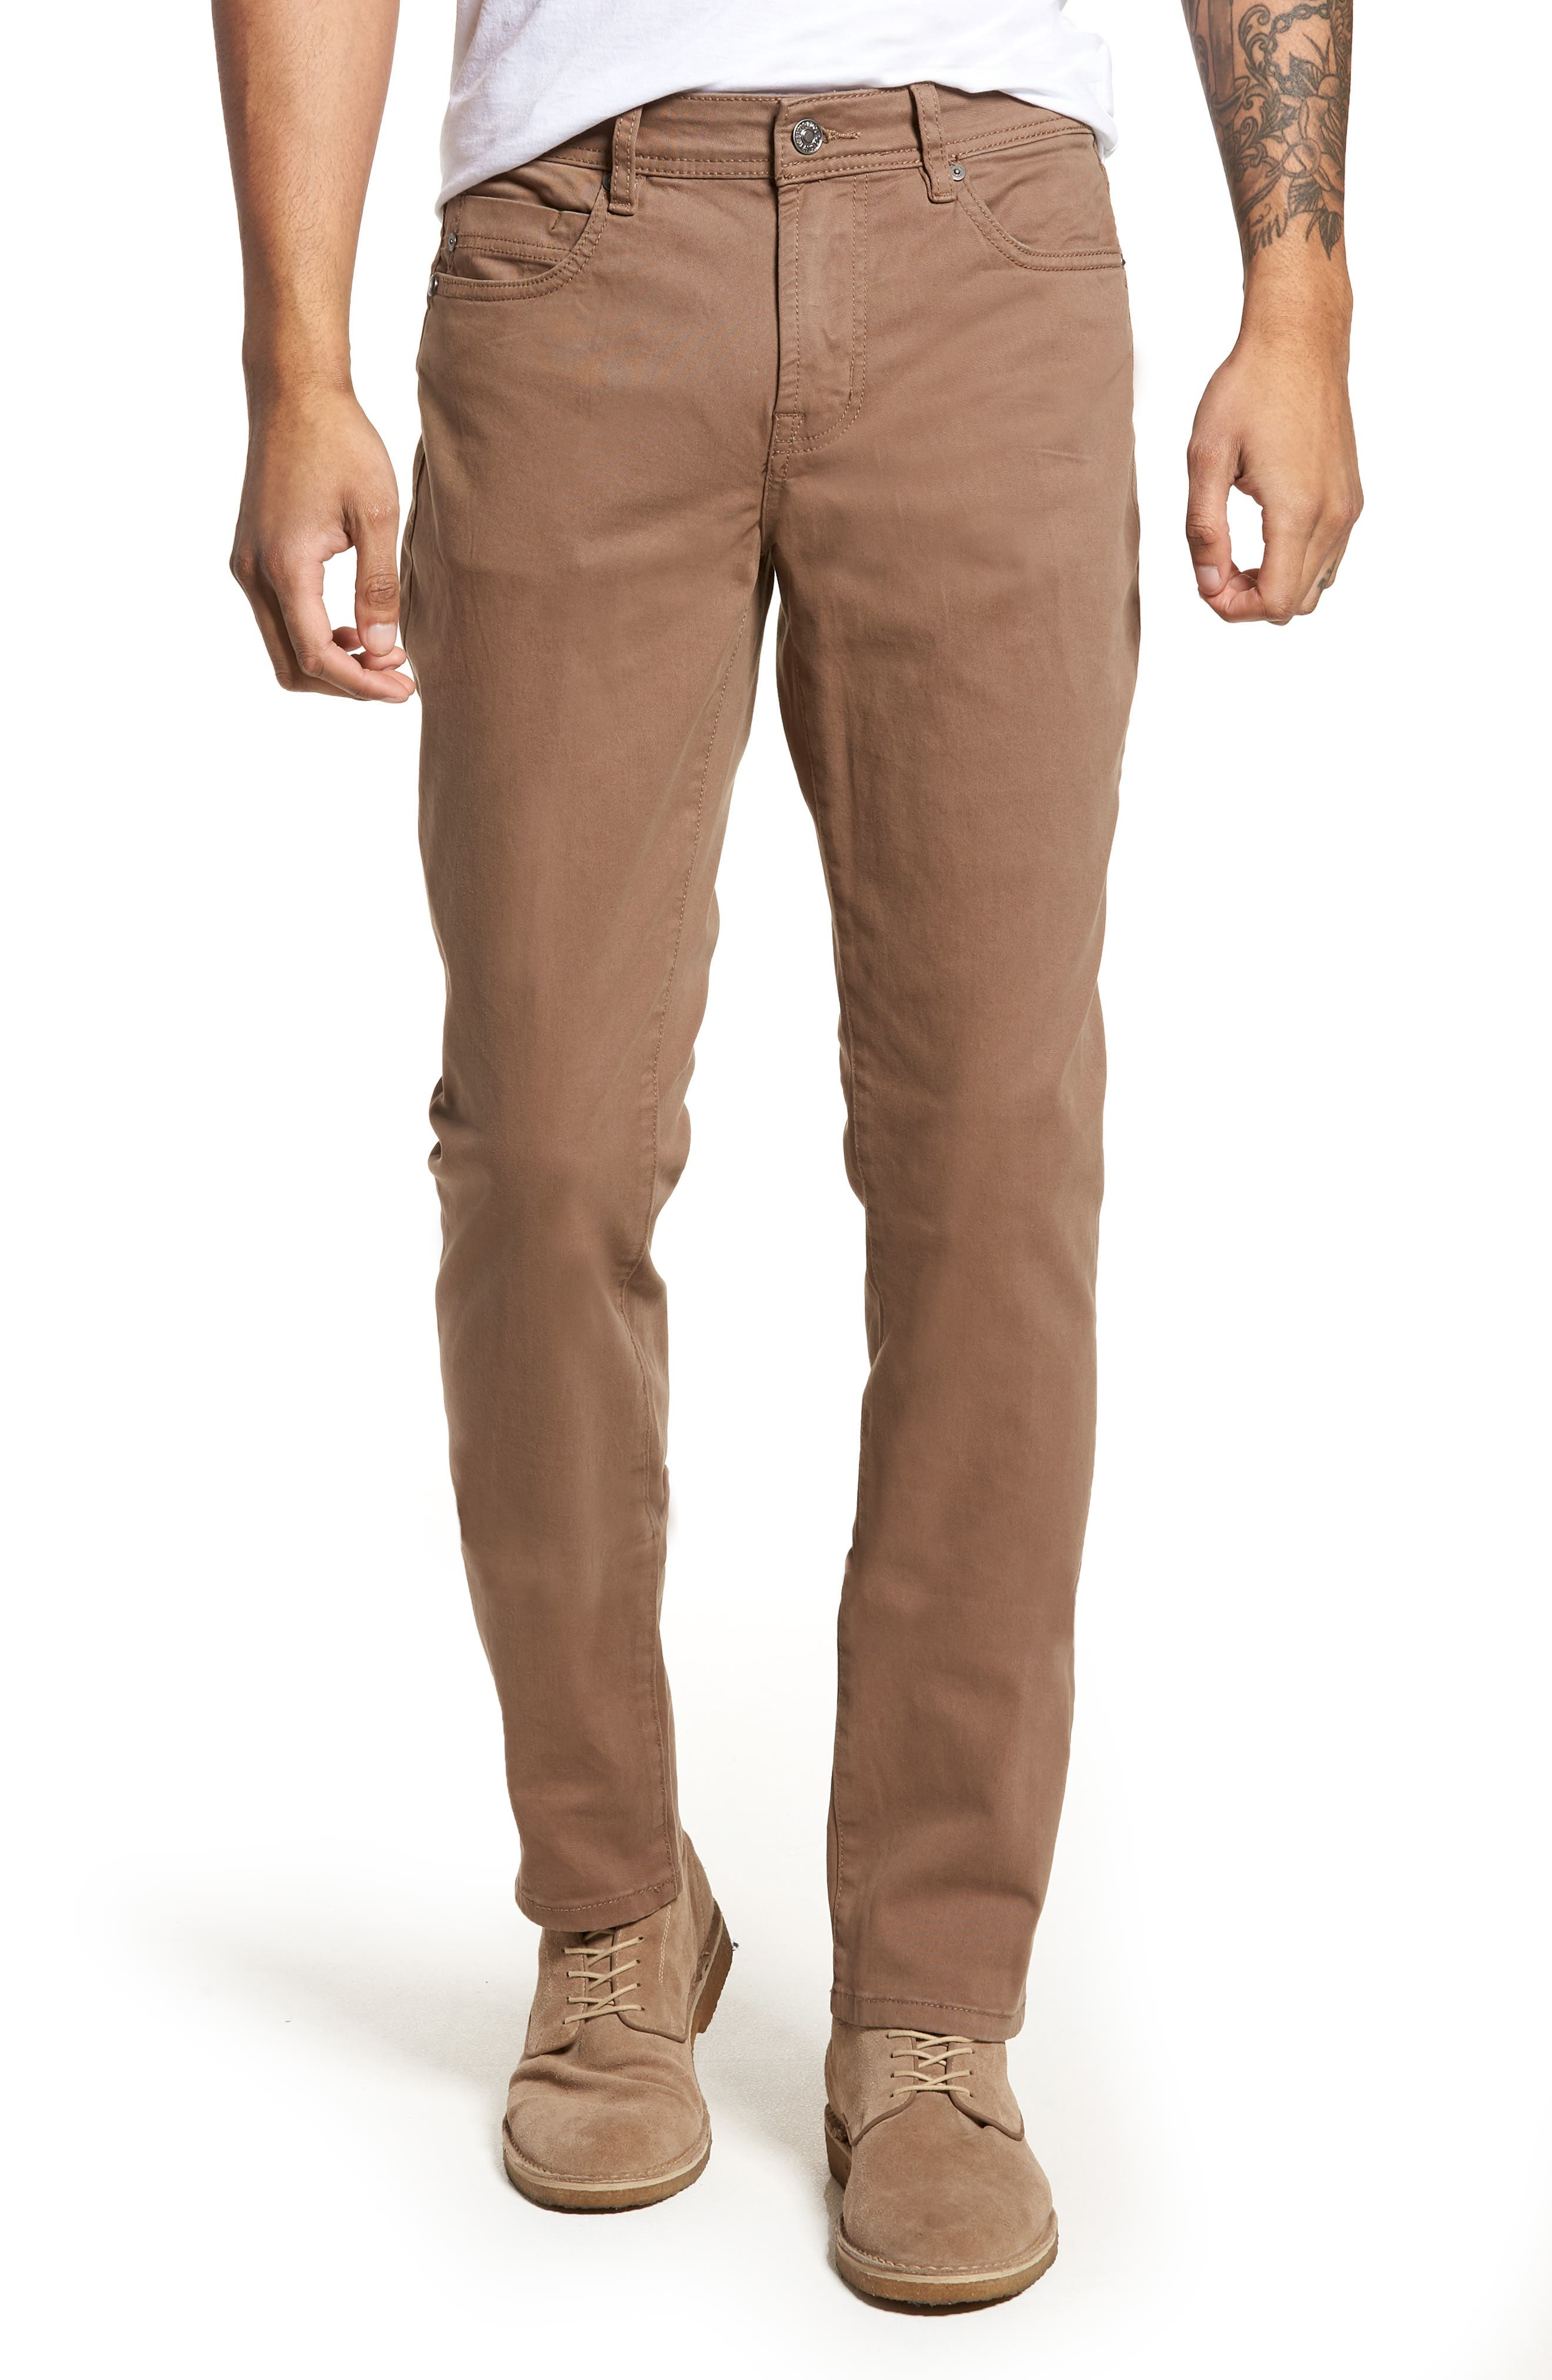 Jeans Co. Kingston Slim Straight Leg Jeans,                             Main thumbnail 1, color,                             CUB